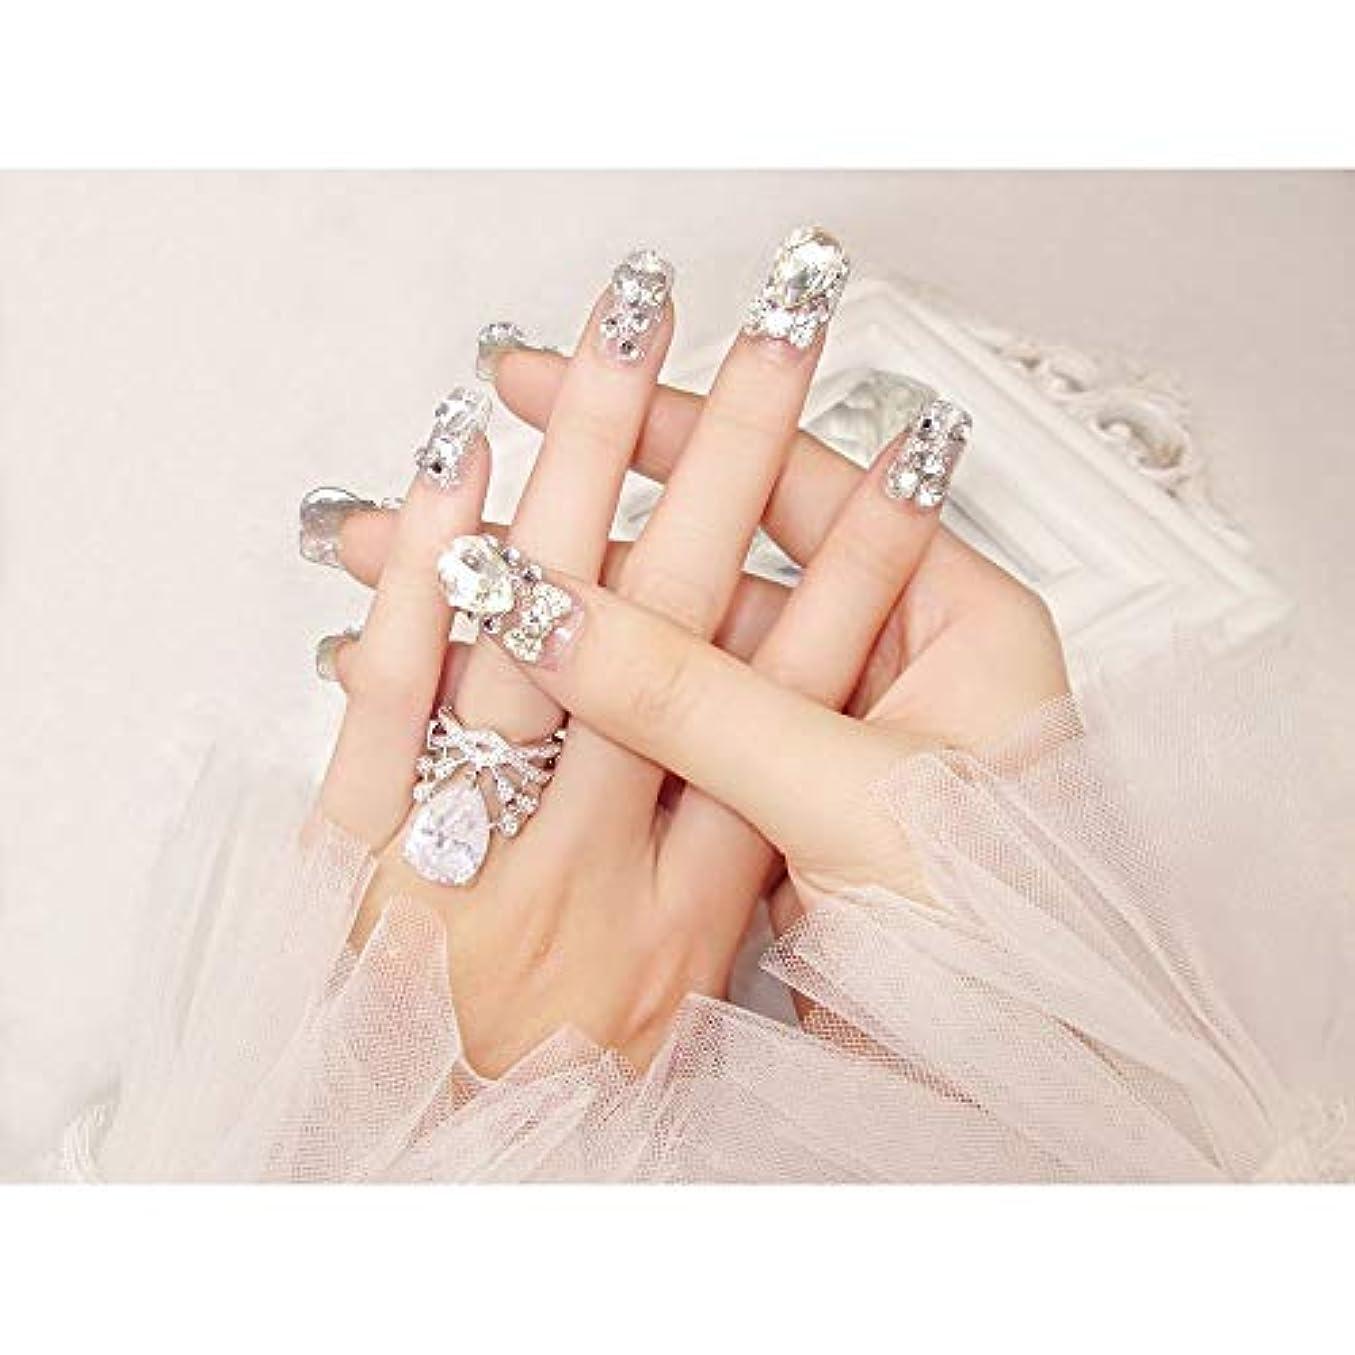 有利どきどき弱めるLVUITTON 完成した偽の釘24ピース箱入り花嫁シャイニー偽の爪の宝石ダイヤモンドの宝石ブライダルネイルステッカー (色 : 24 pieces)